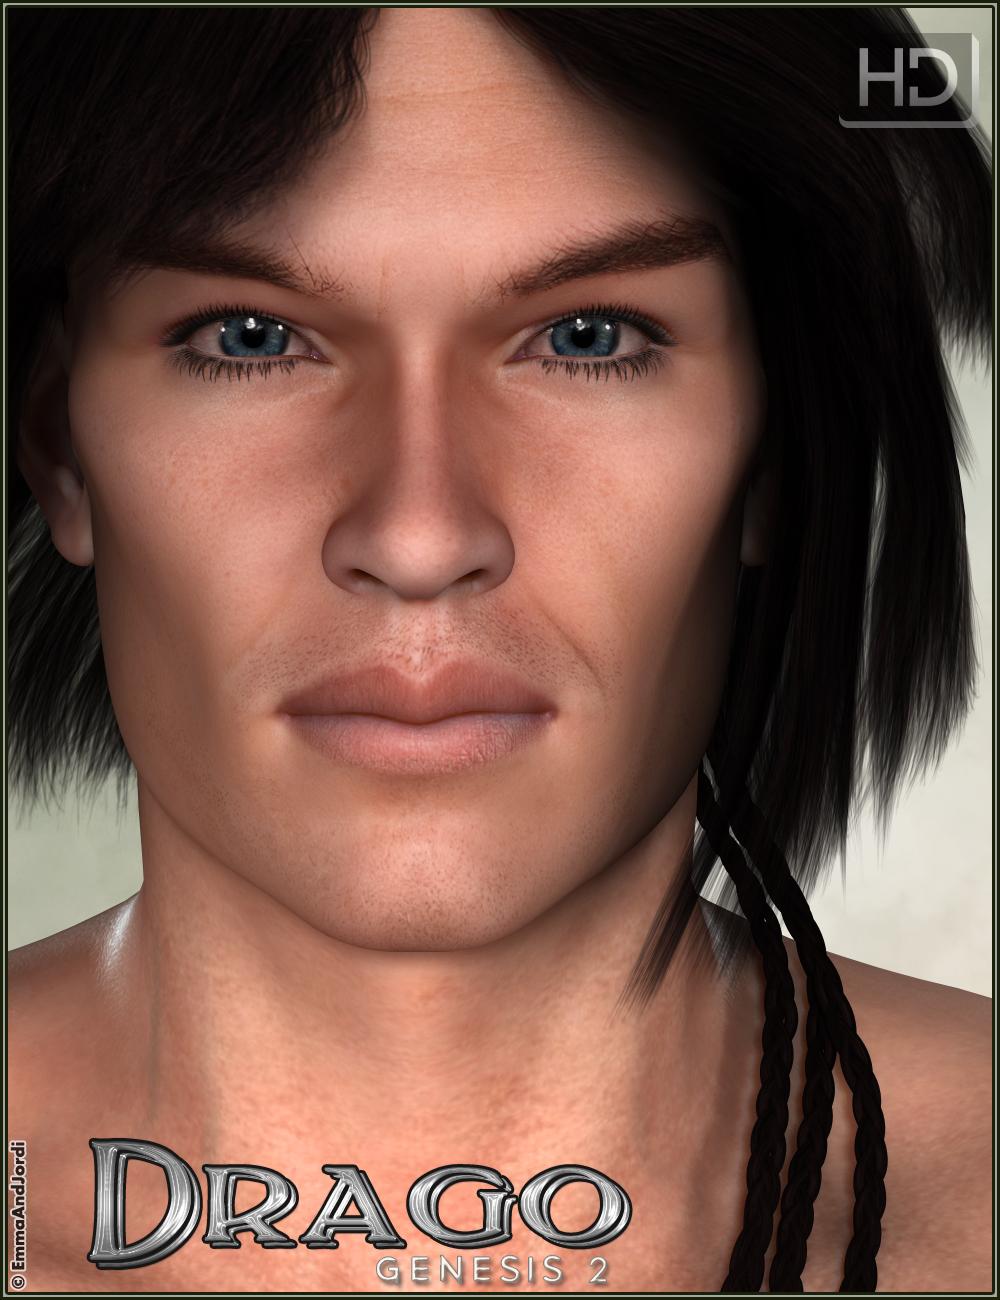 EJ Drago HD for Gianni 6 by: EmmaAndJordi, 3D Models by Daz 3D